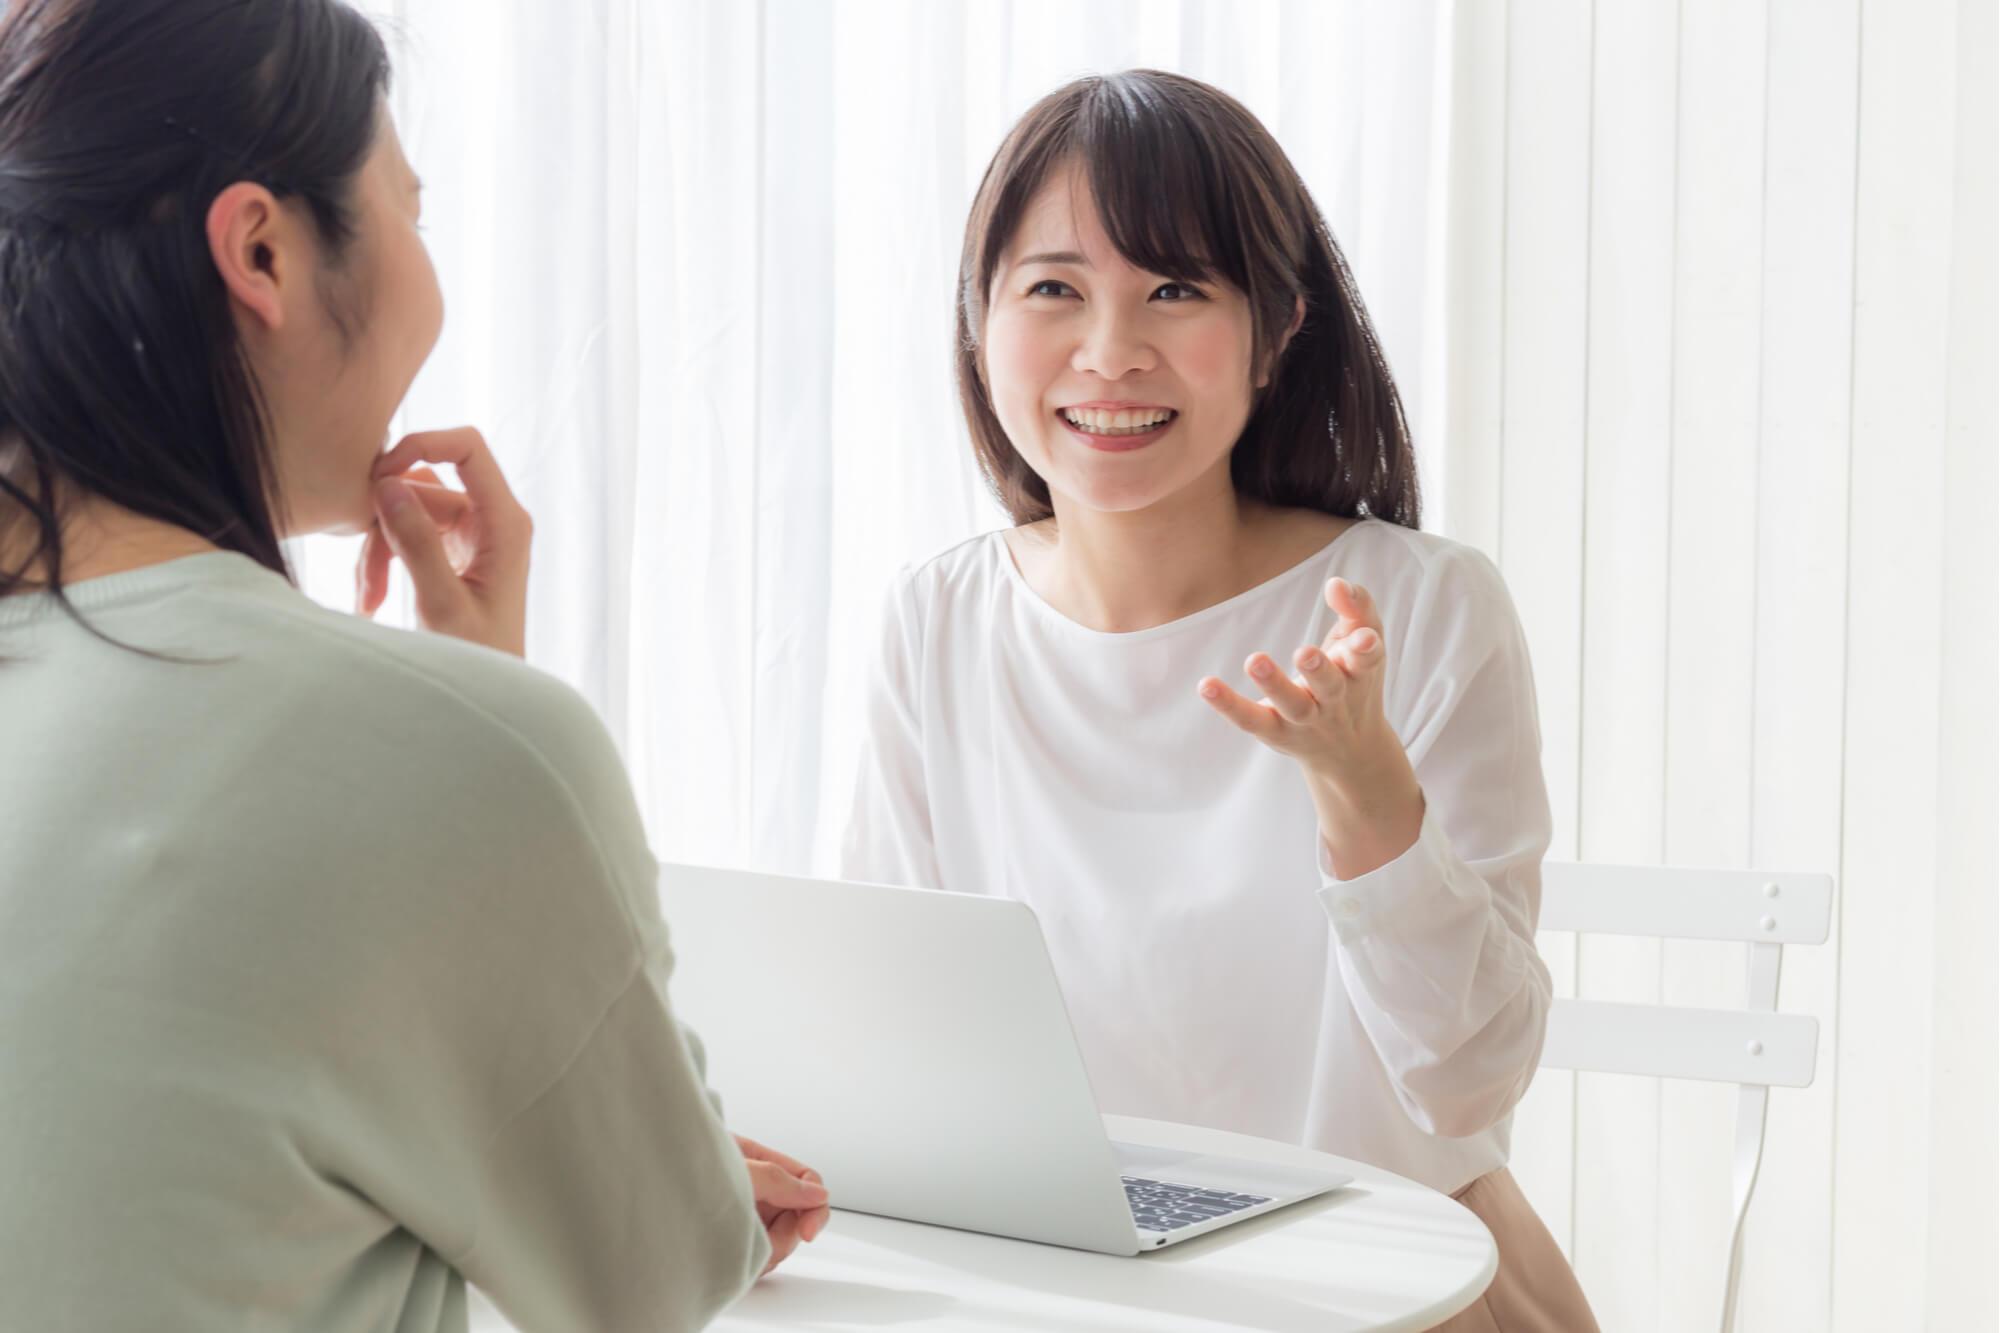 メンタルトレーニングを受けて自信を持てるようになり笑顔になった若い女性